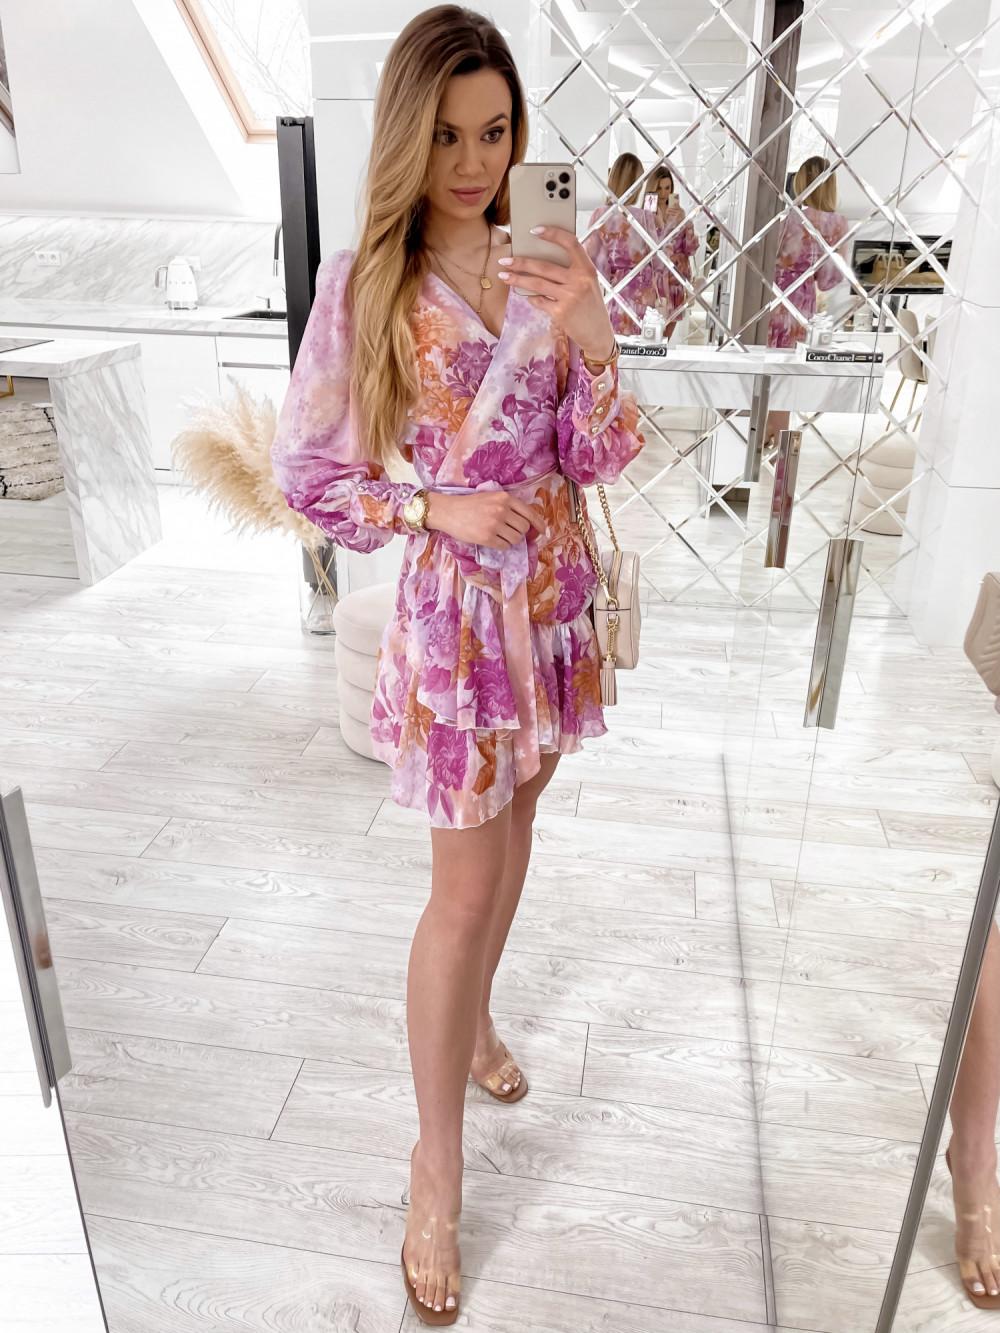 Fioletowo-pomarańczowa sukienka szyfonowa w kwiaty Flores 2